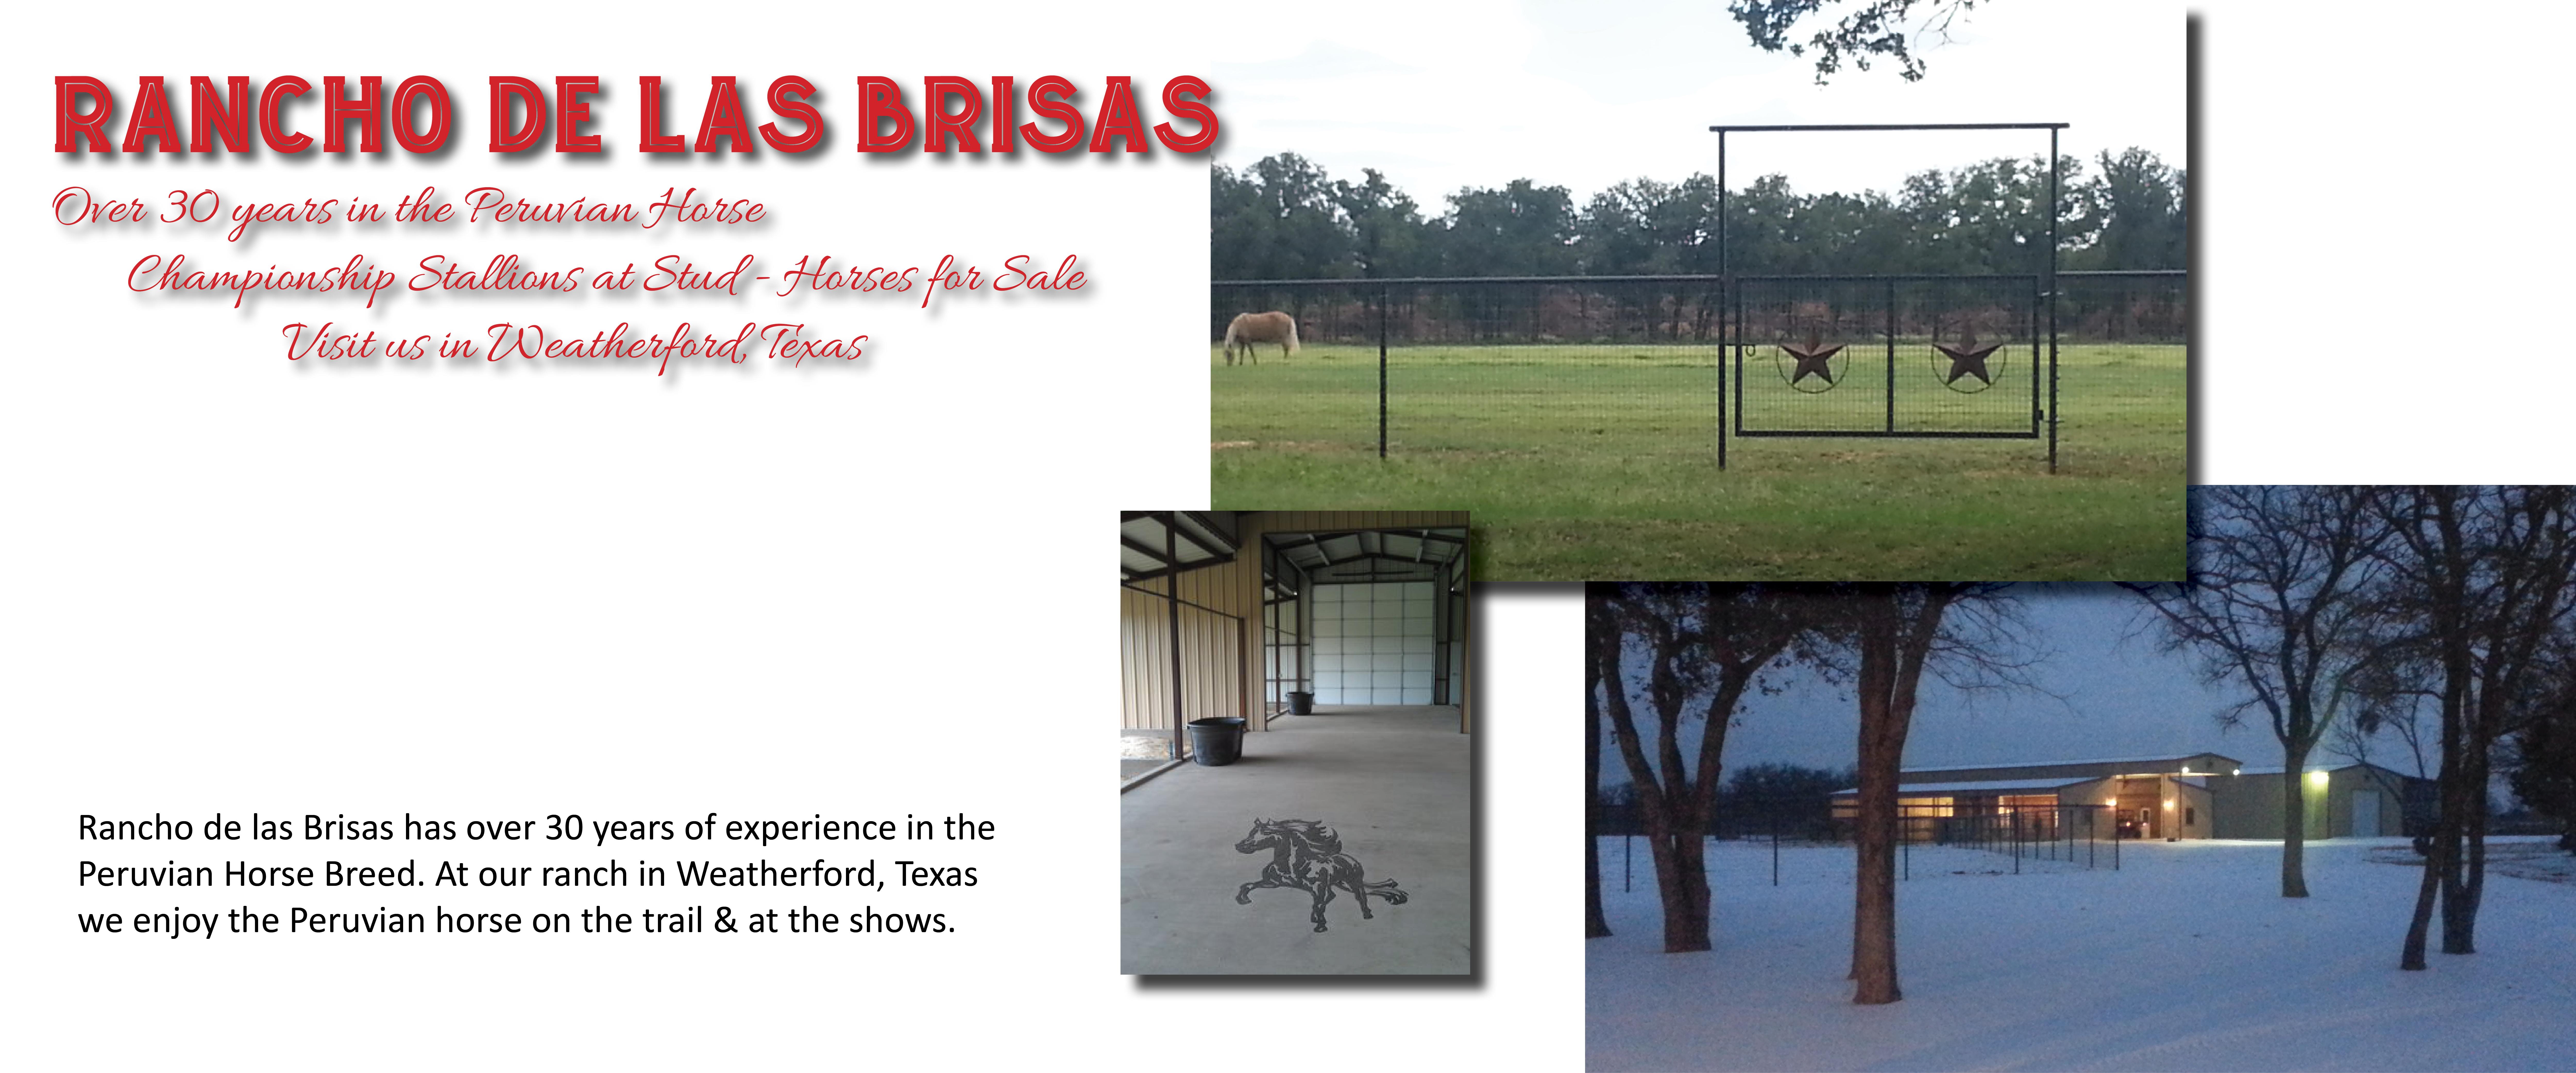 Rancho de las Brisas